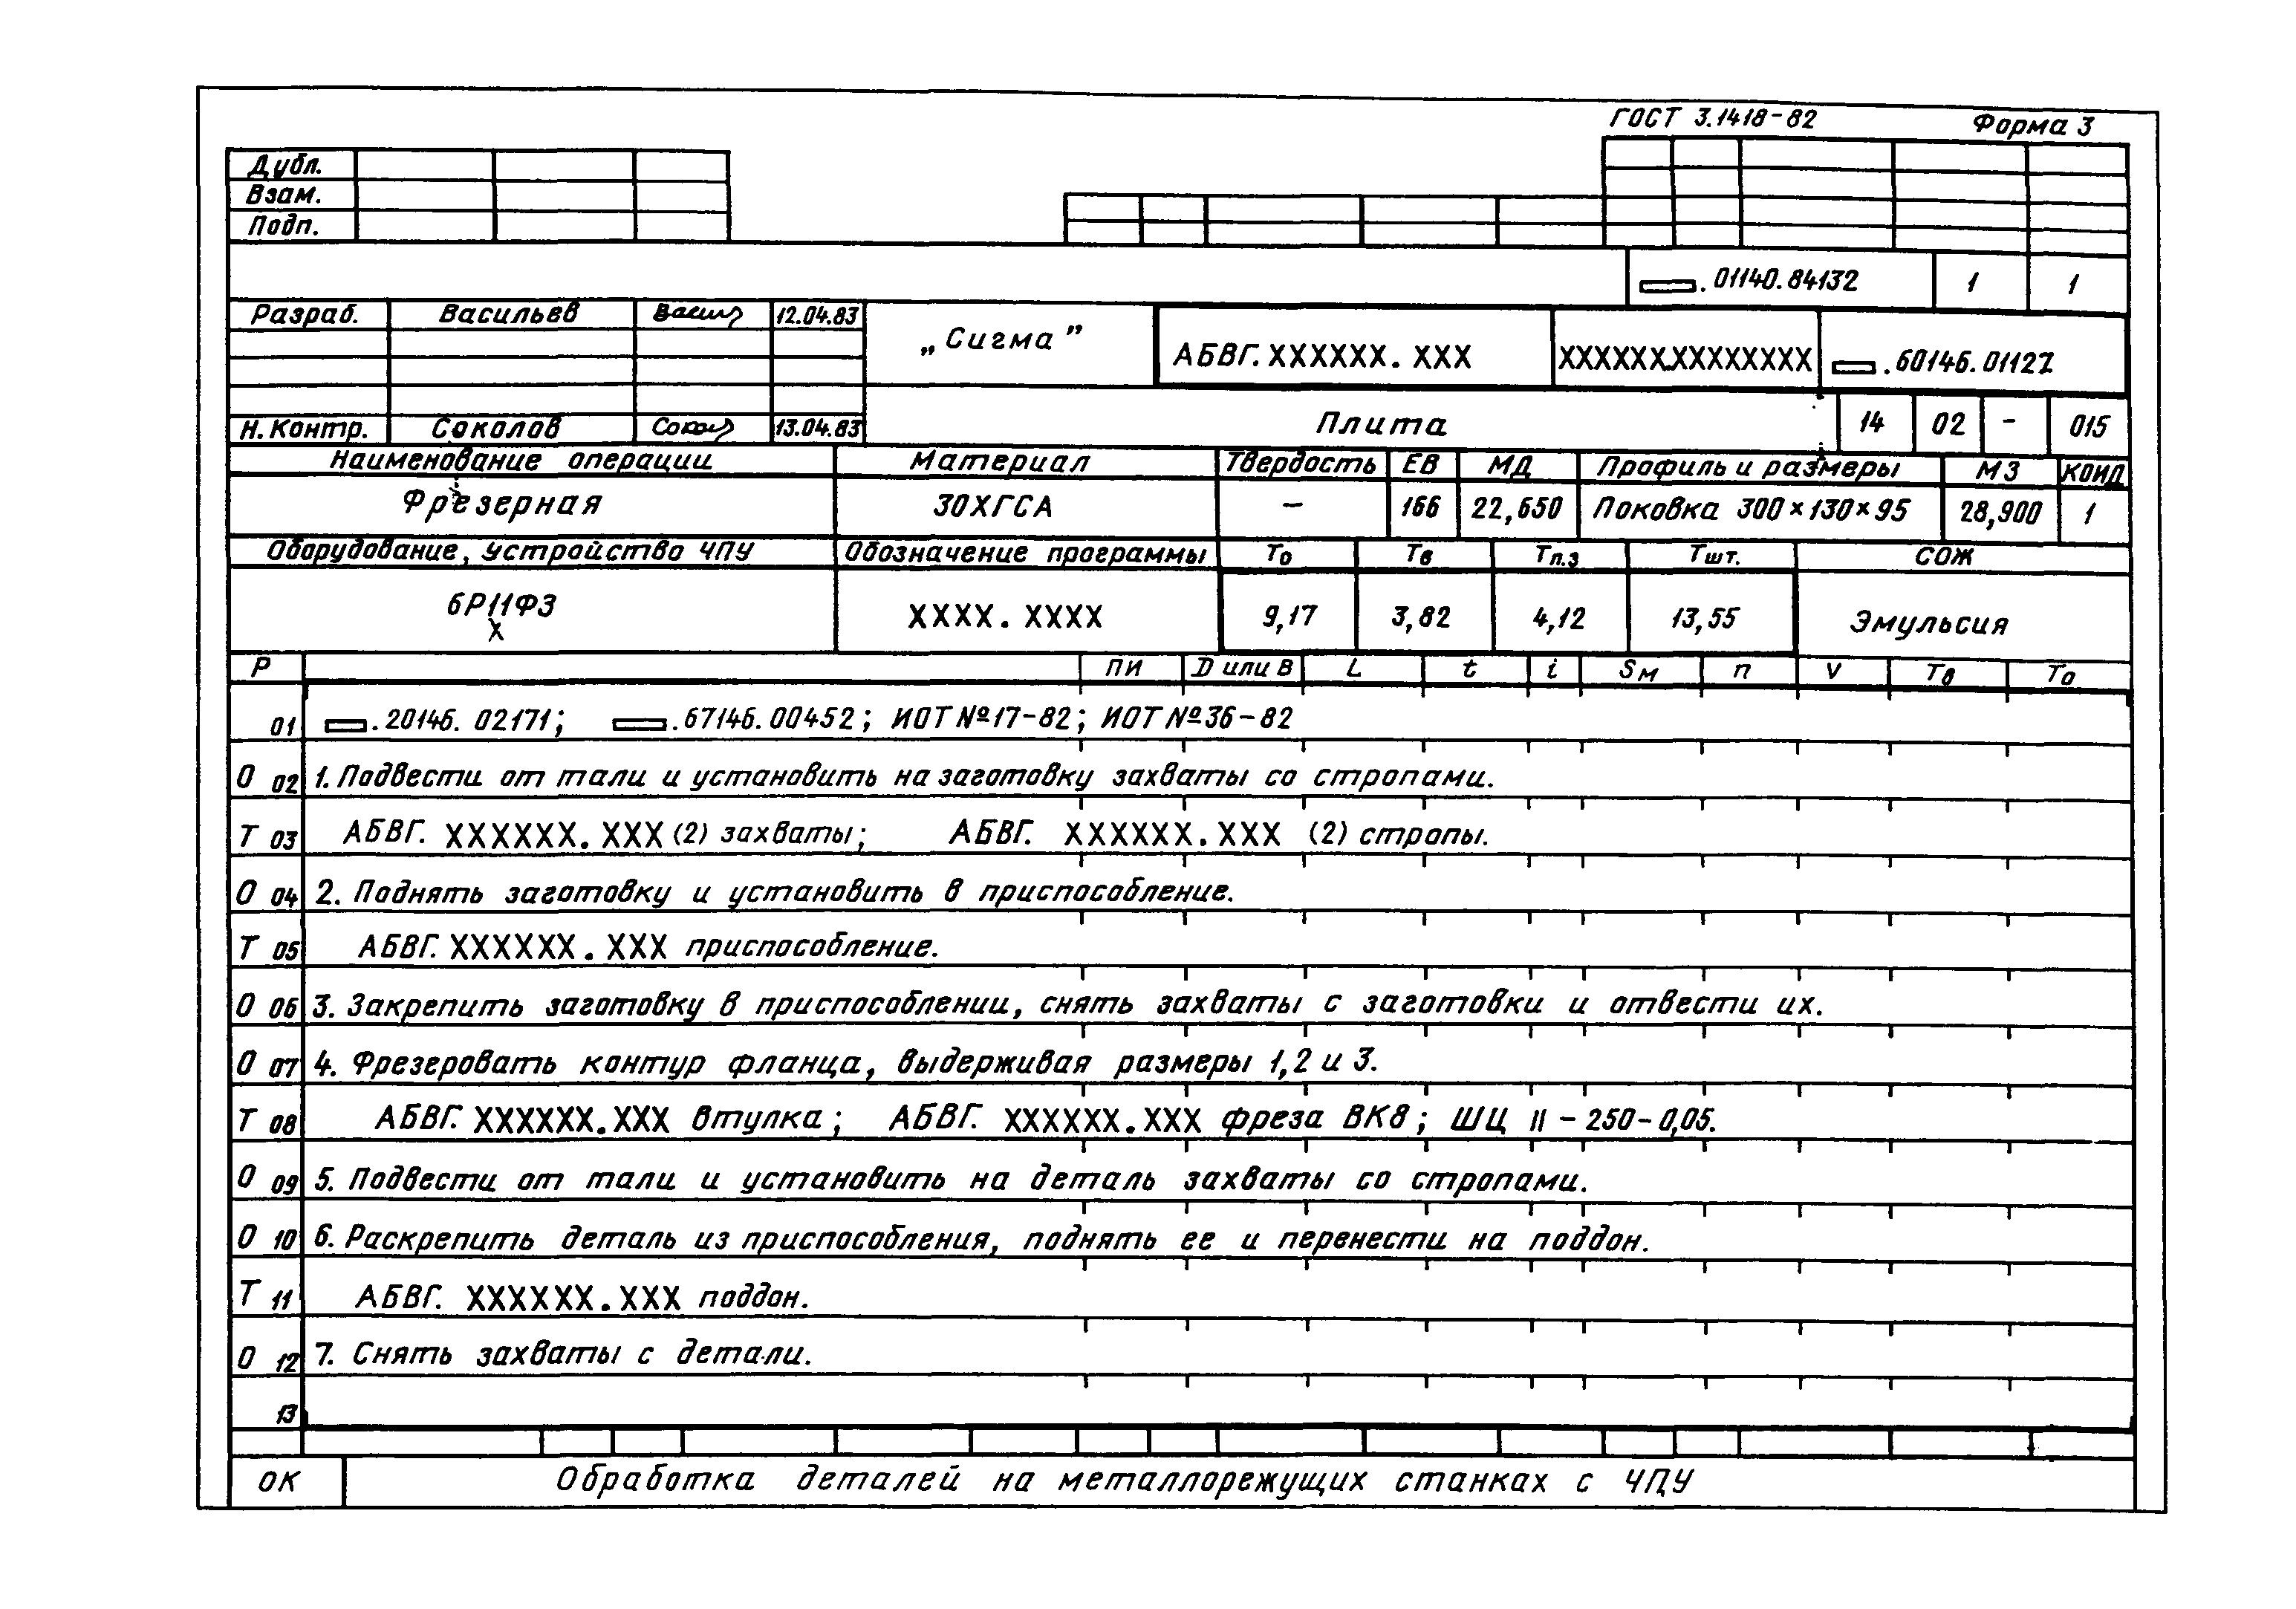 бланк маршрутной карты doc